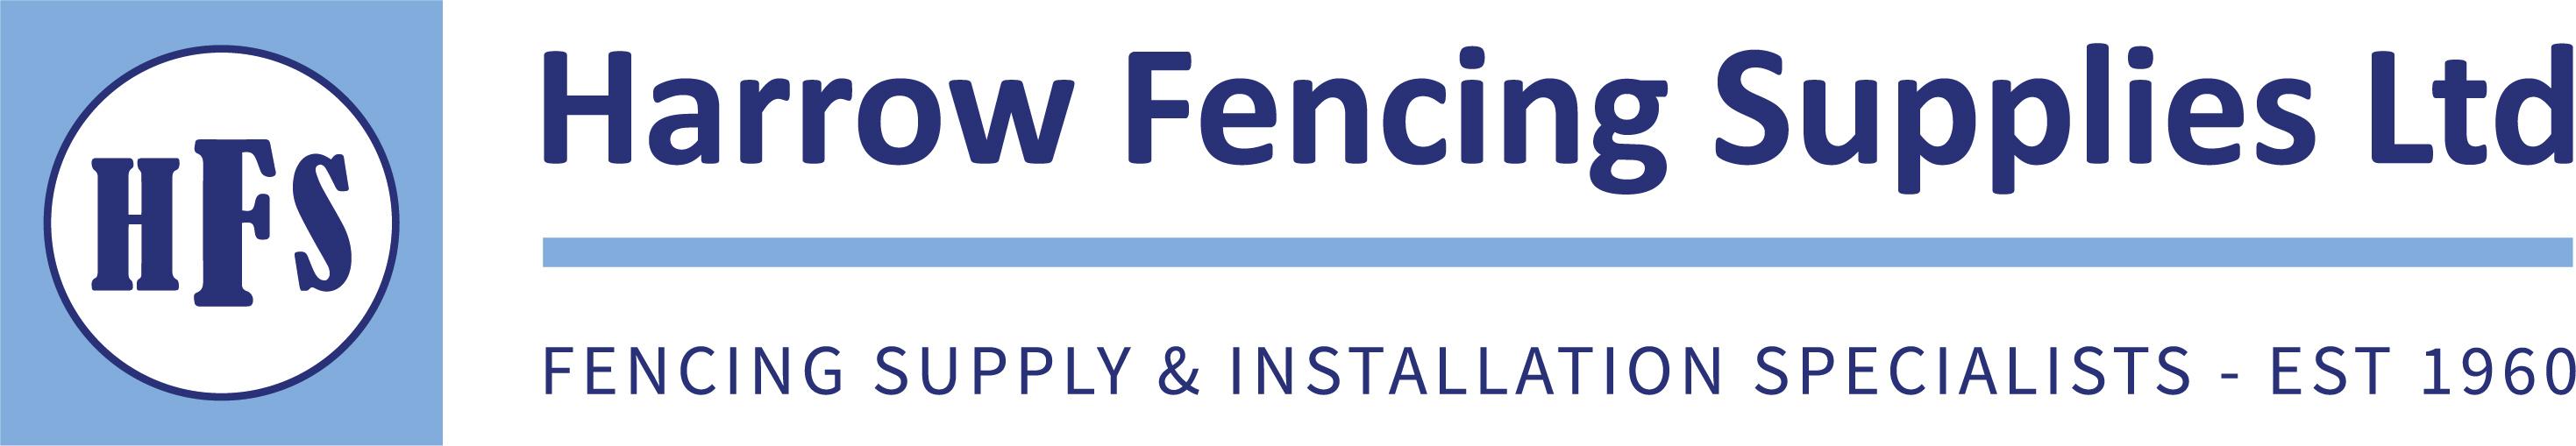 Read Harrow Fencing Suppliers Reviews